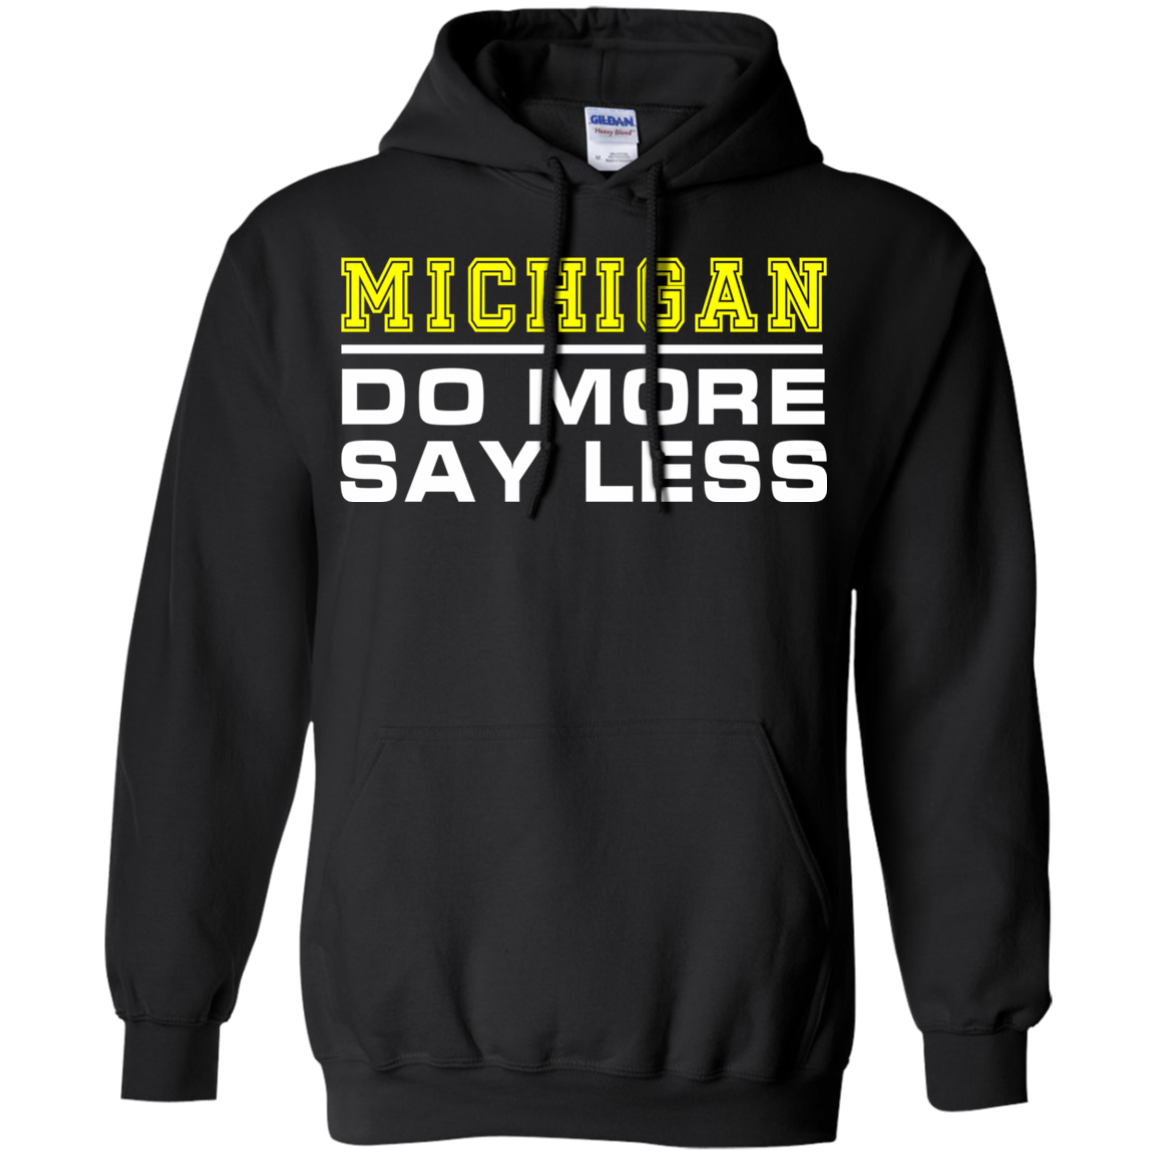 Buy Do More Say Less Michigan Tula Store Shirts